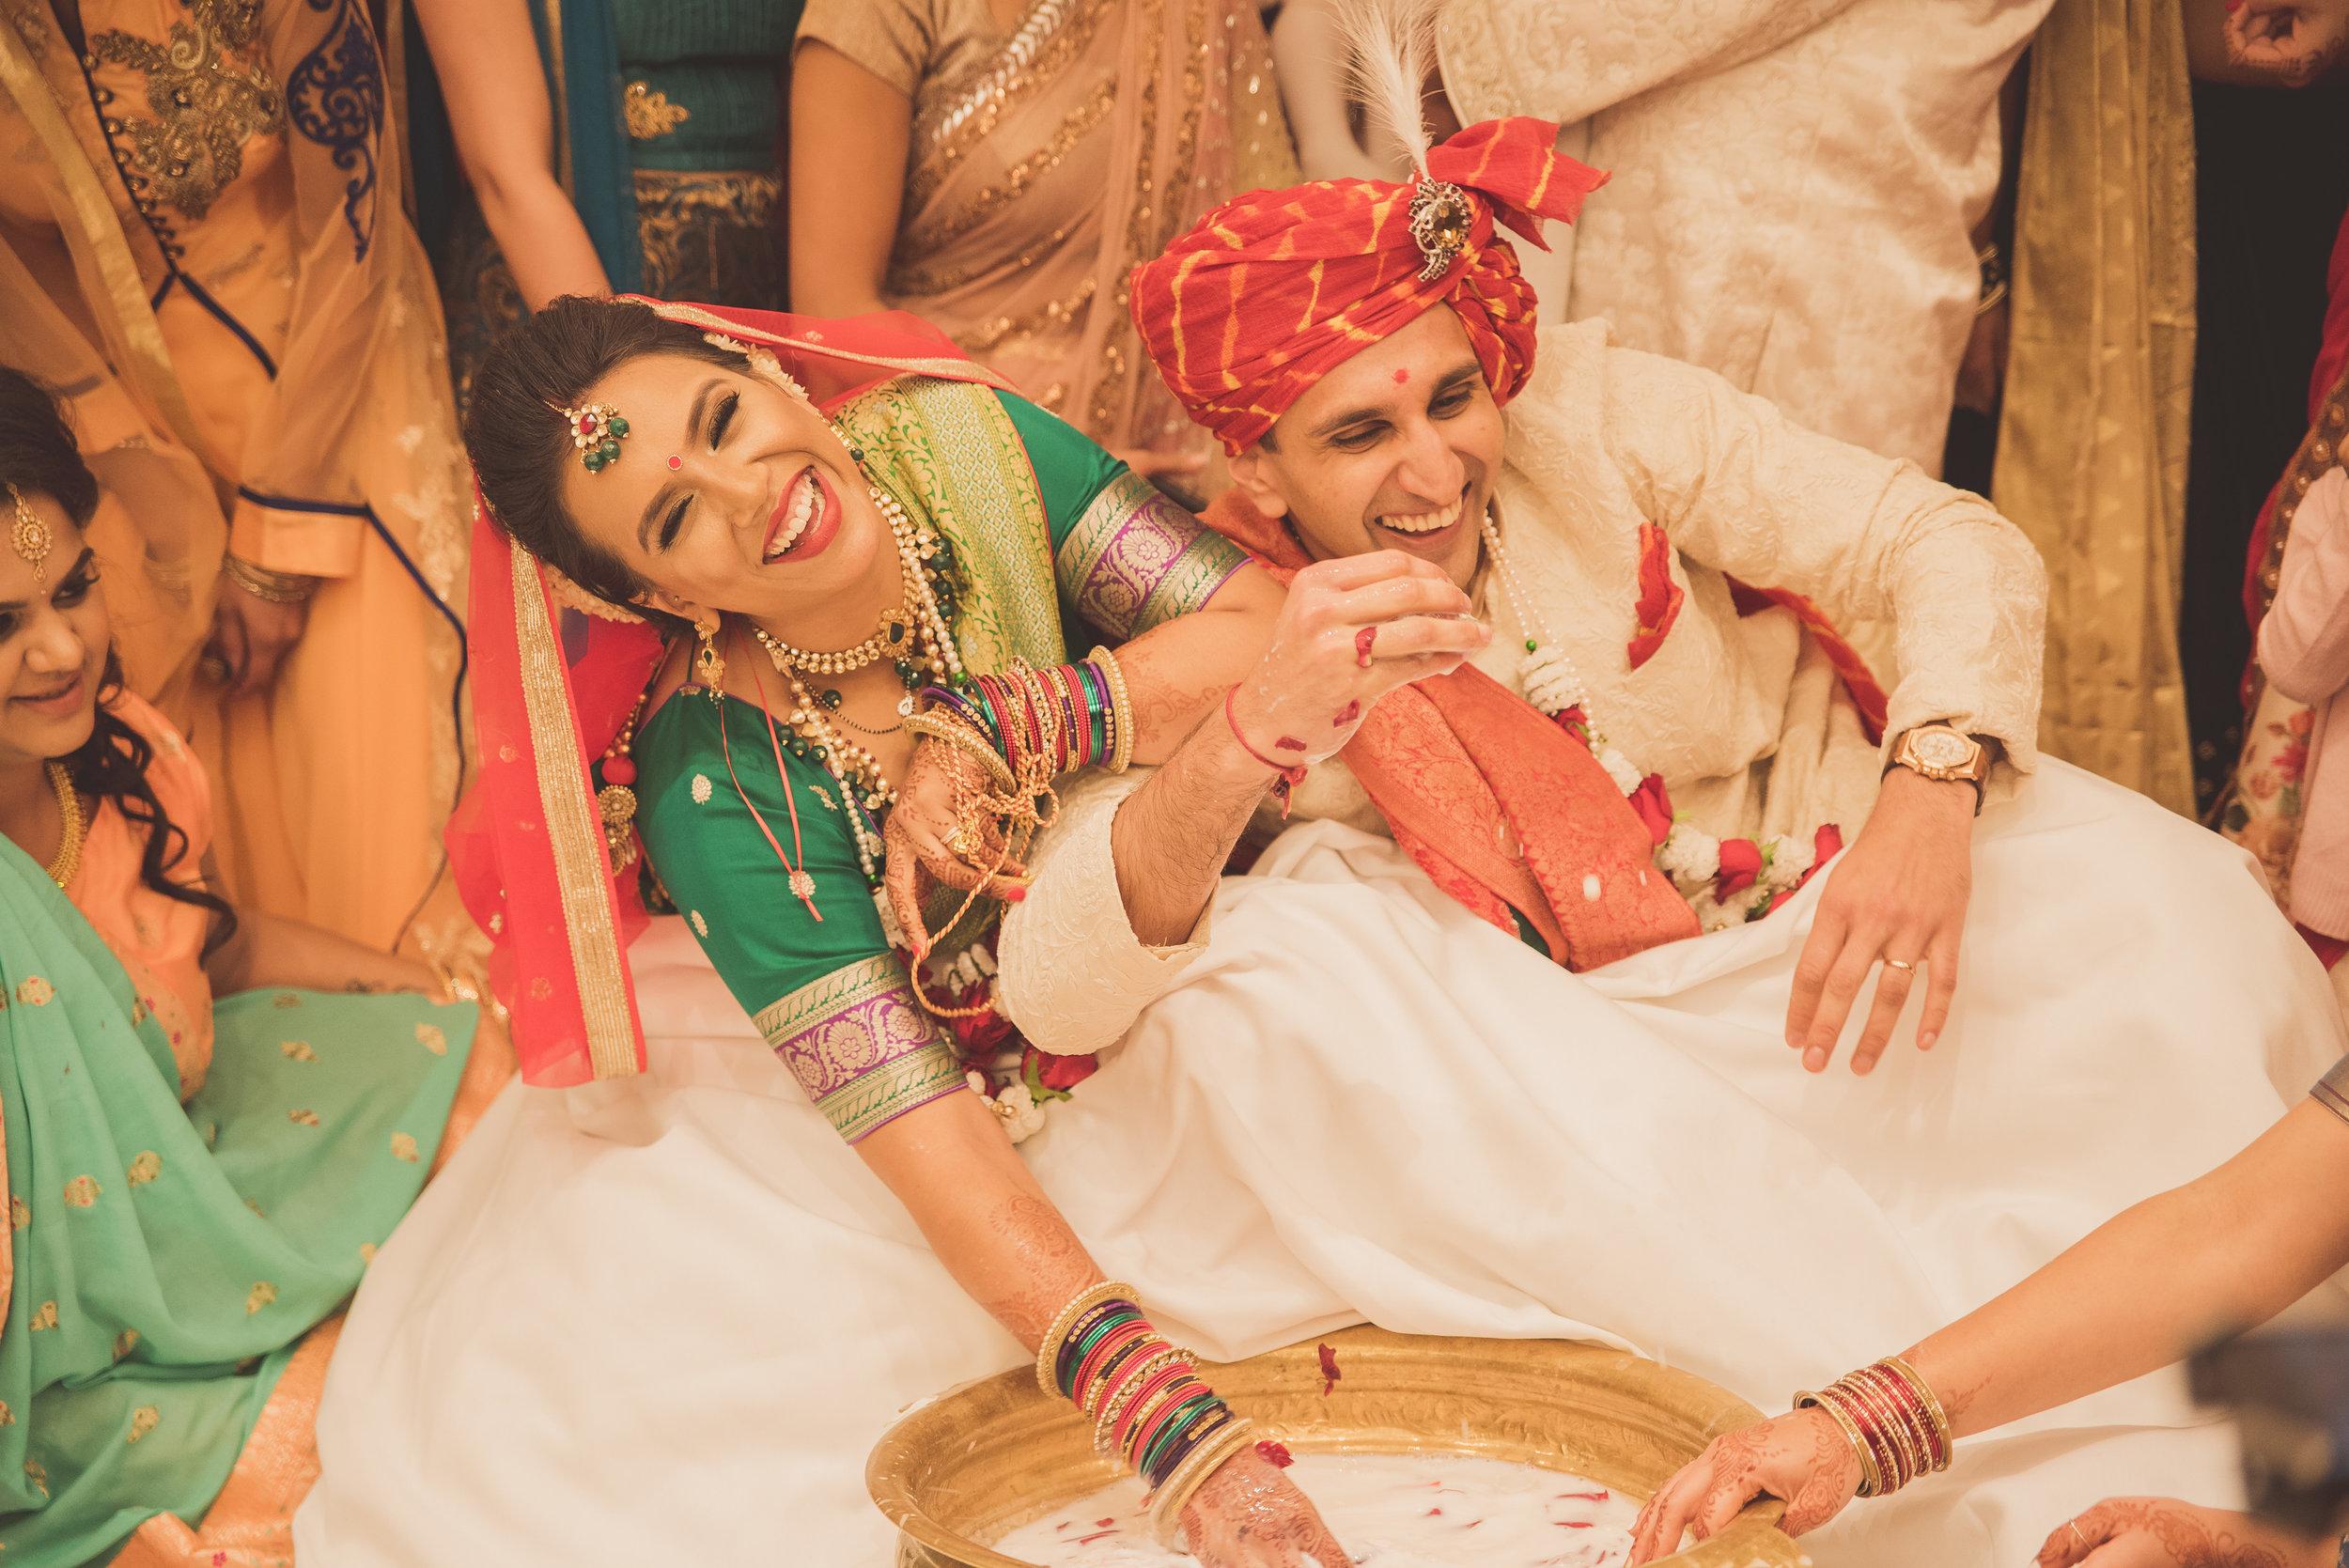 Kodakodi at Hindu wedding ceremony